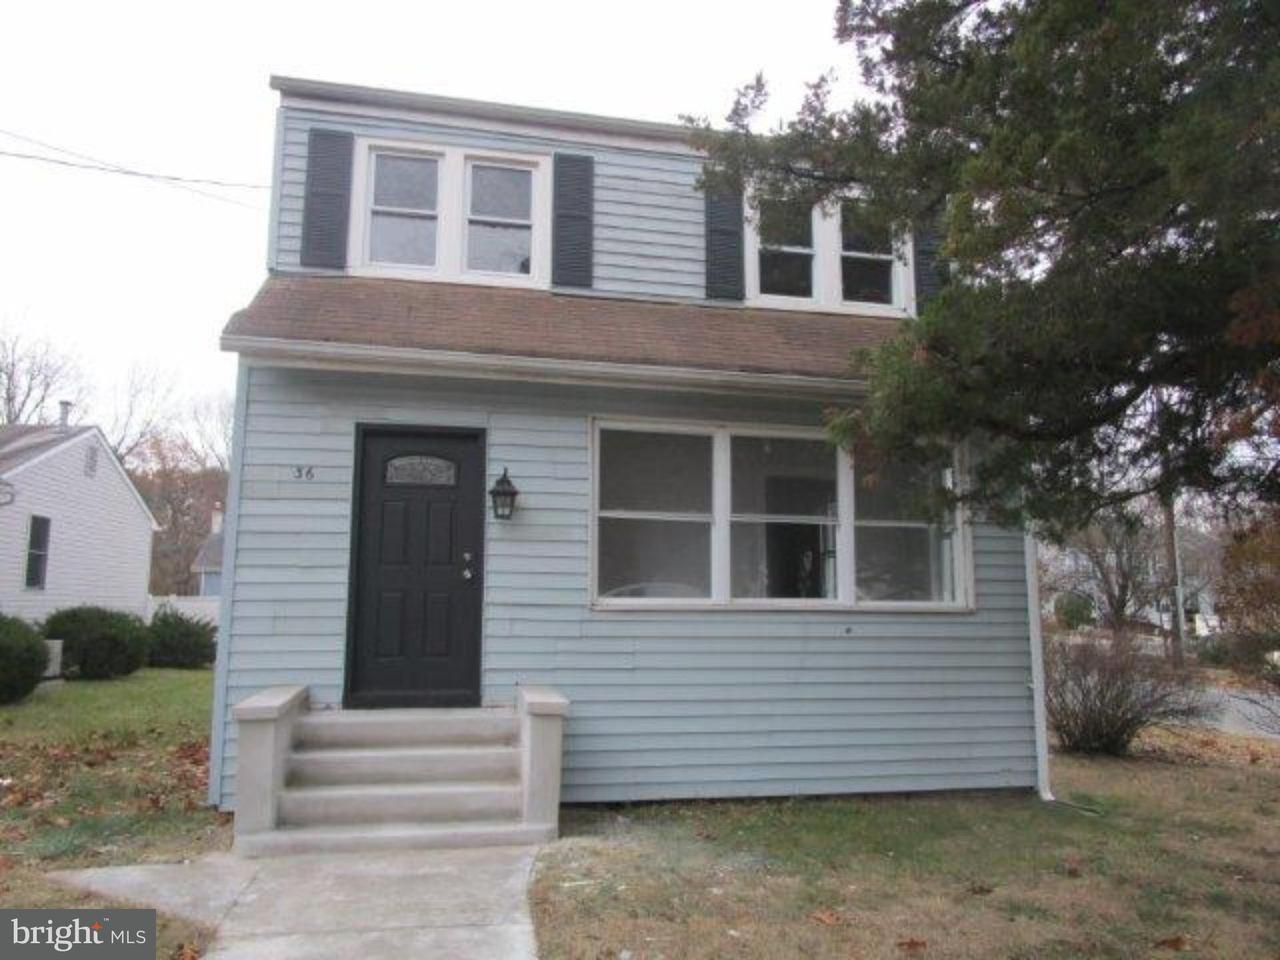 Частный односемейный дом для того Продажа на 36 GLOUCESTER Avenue Camden, Нью-Джерси 08045 Соединенные Штаты